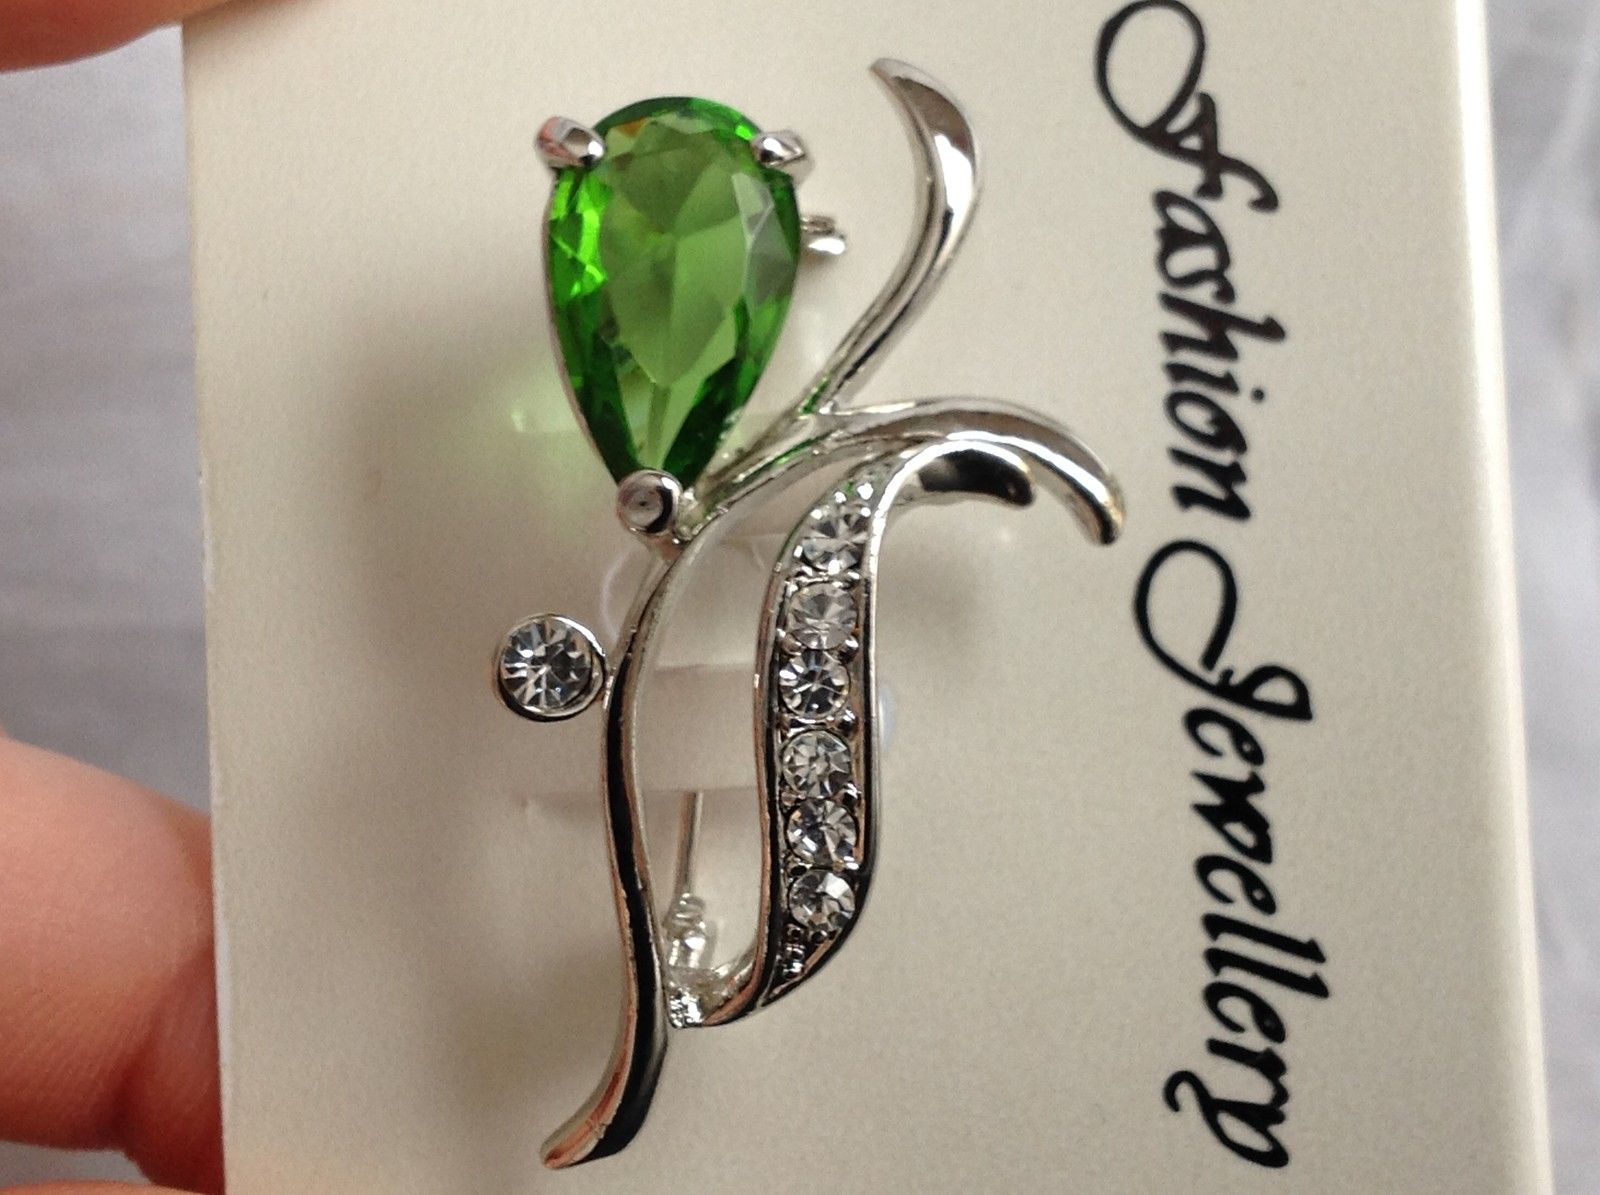 Swarovski  Silver tone green flower stone brooch pin clear crystal leaf